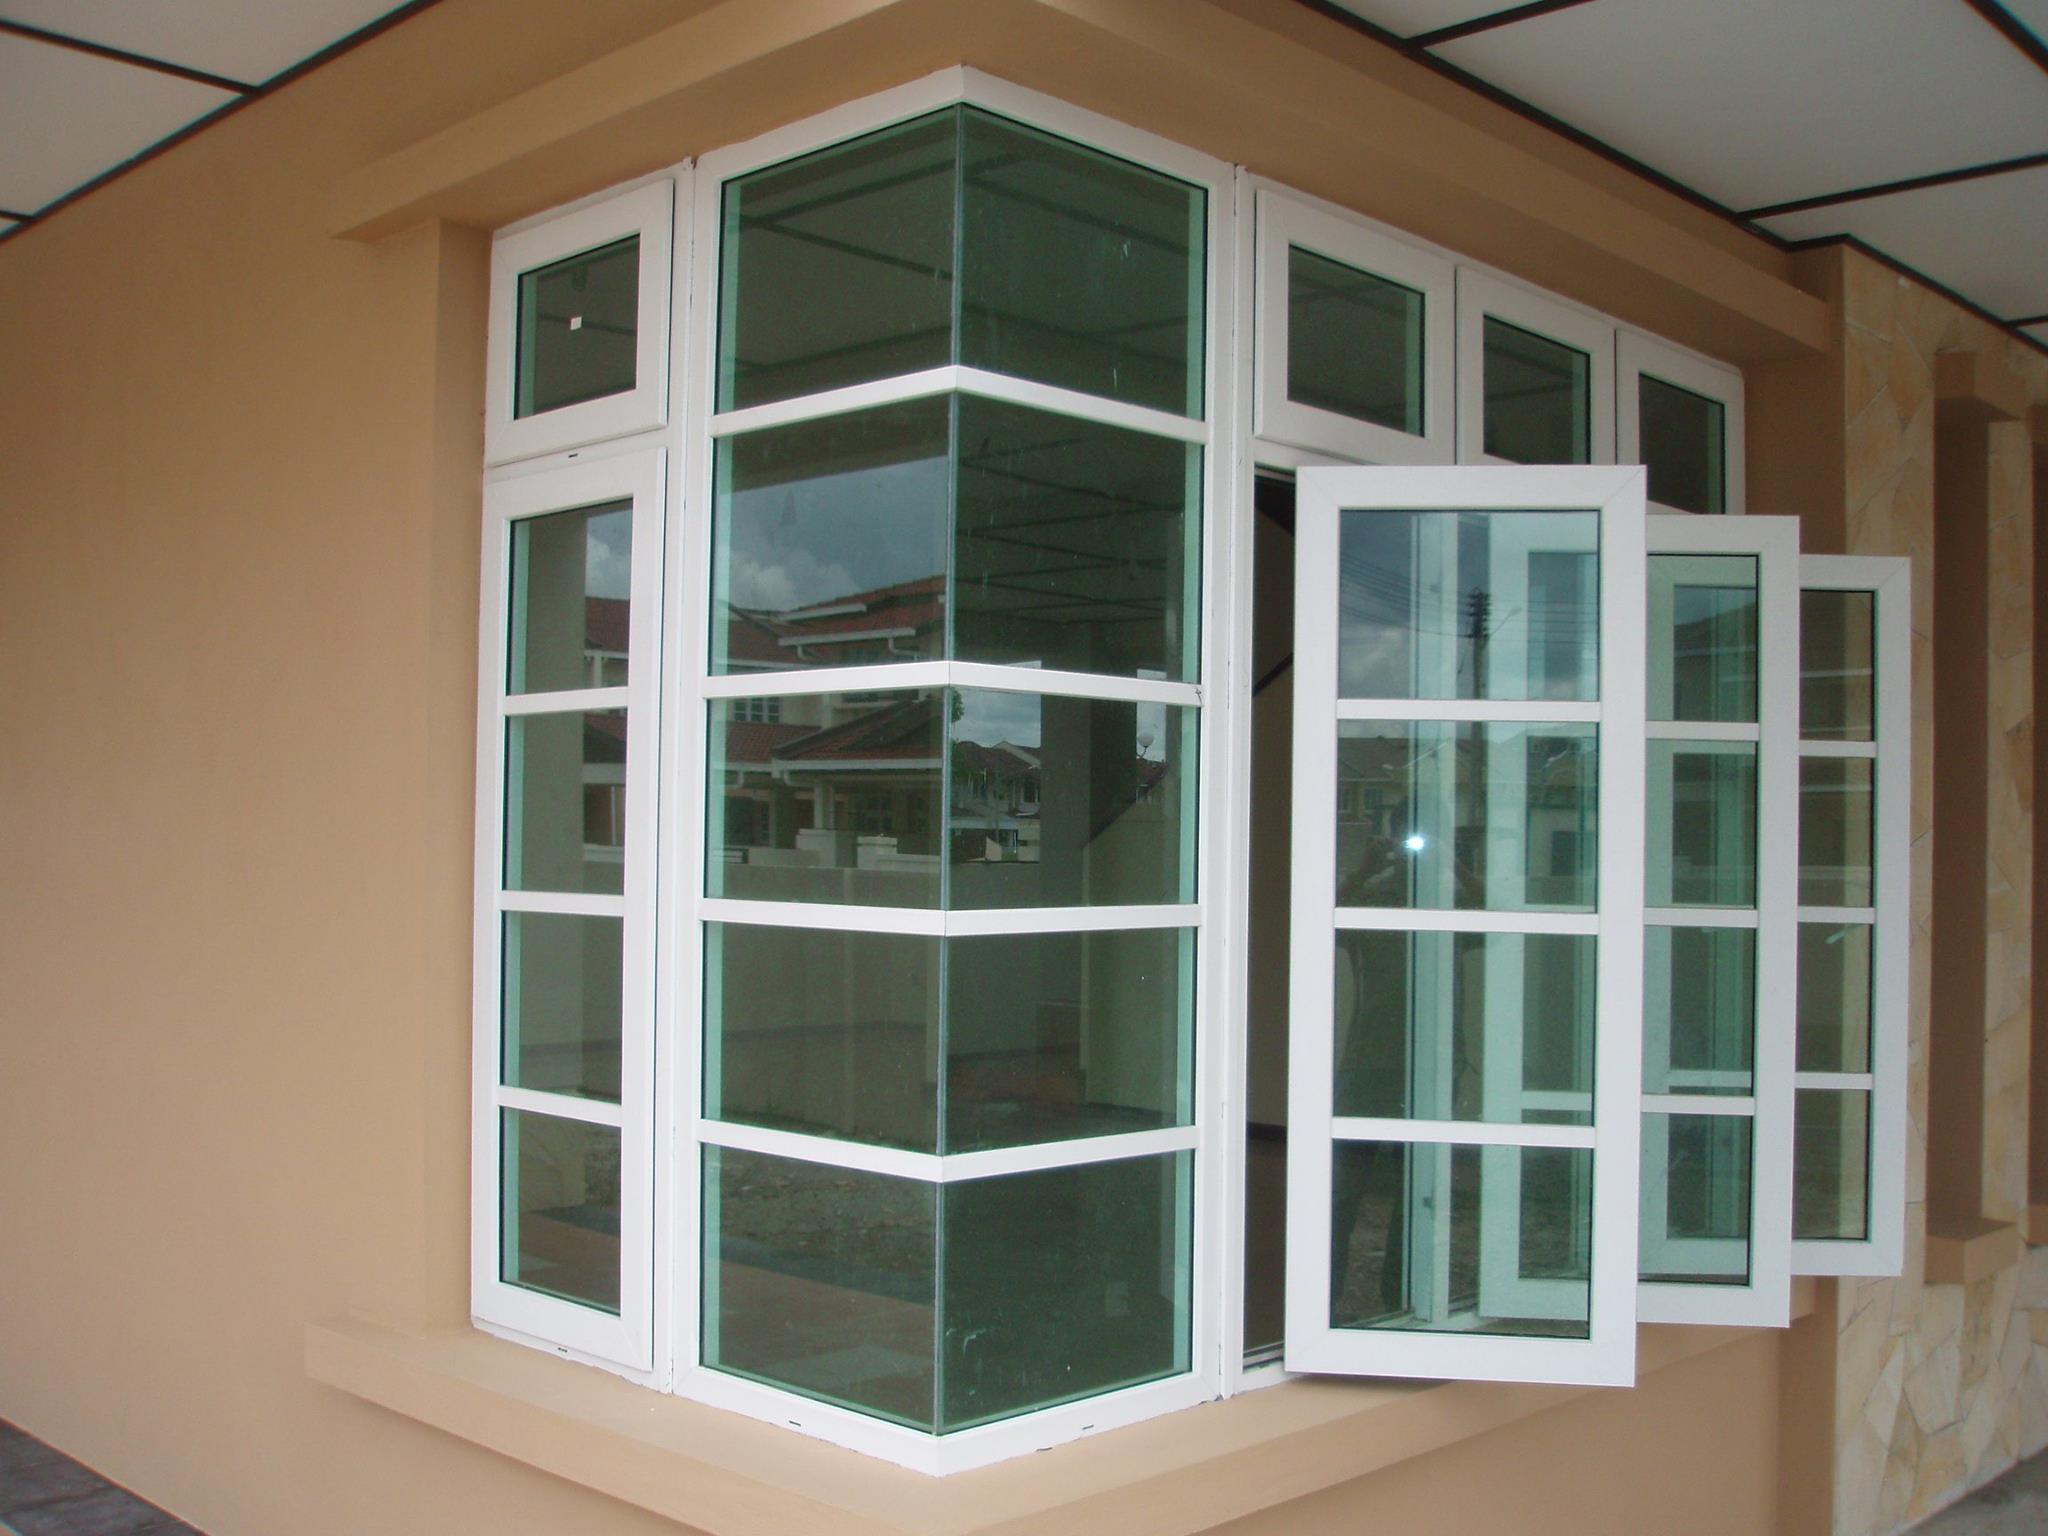 94 Foto Desain Teras Jendela Sudut Paling Bagus Rumah minimalis kaca sudut